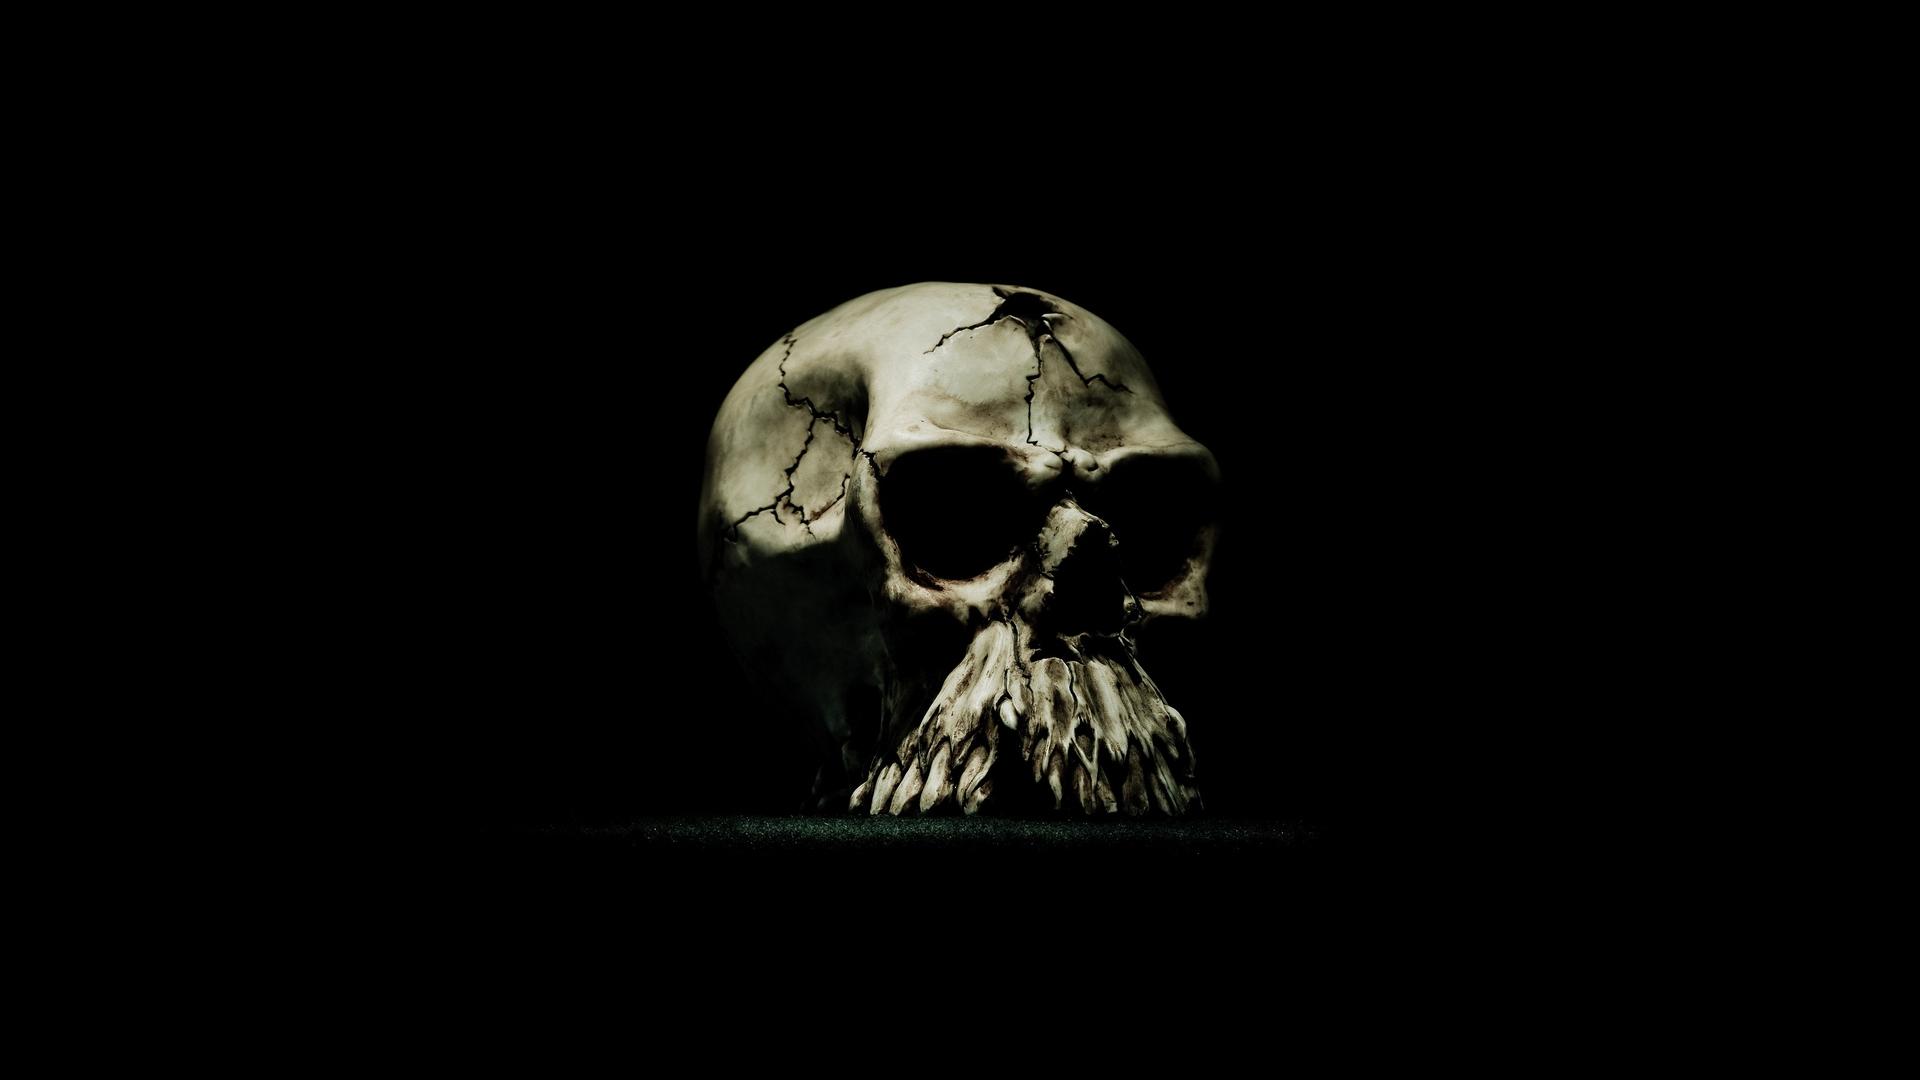 monster skull black wallpaper - photo #1